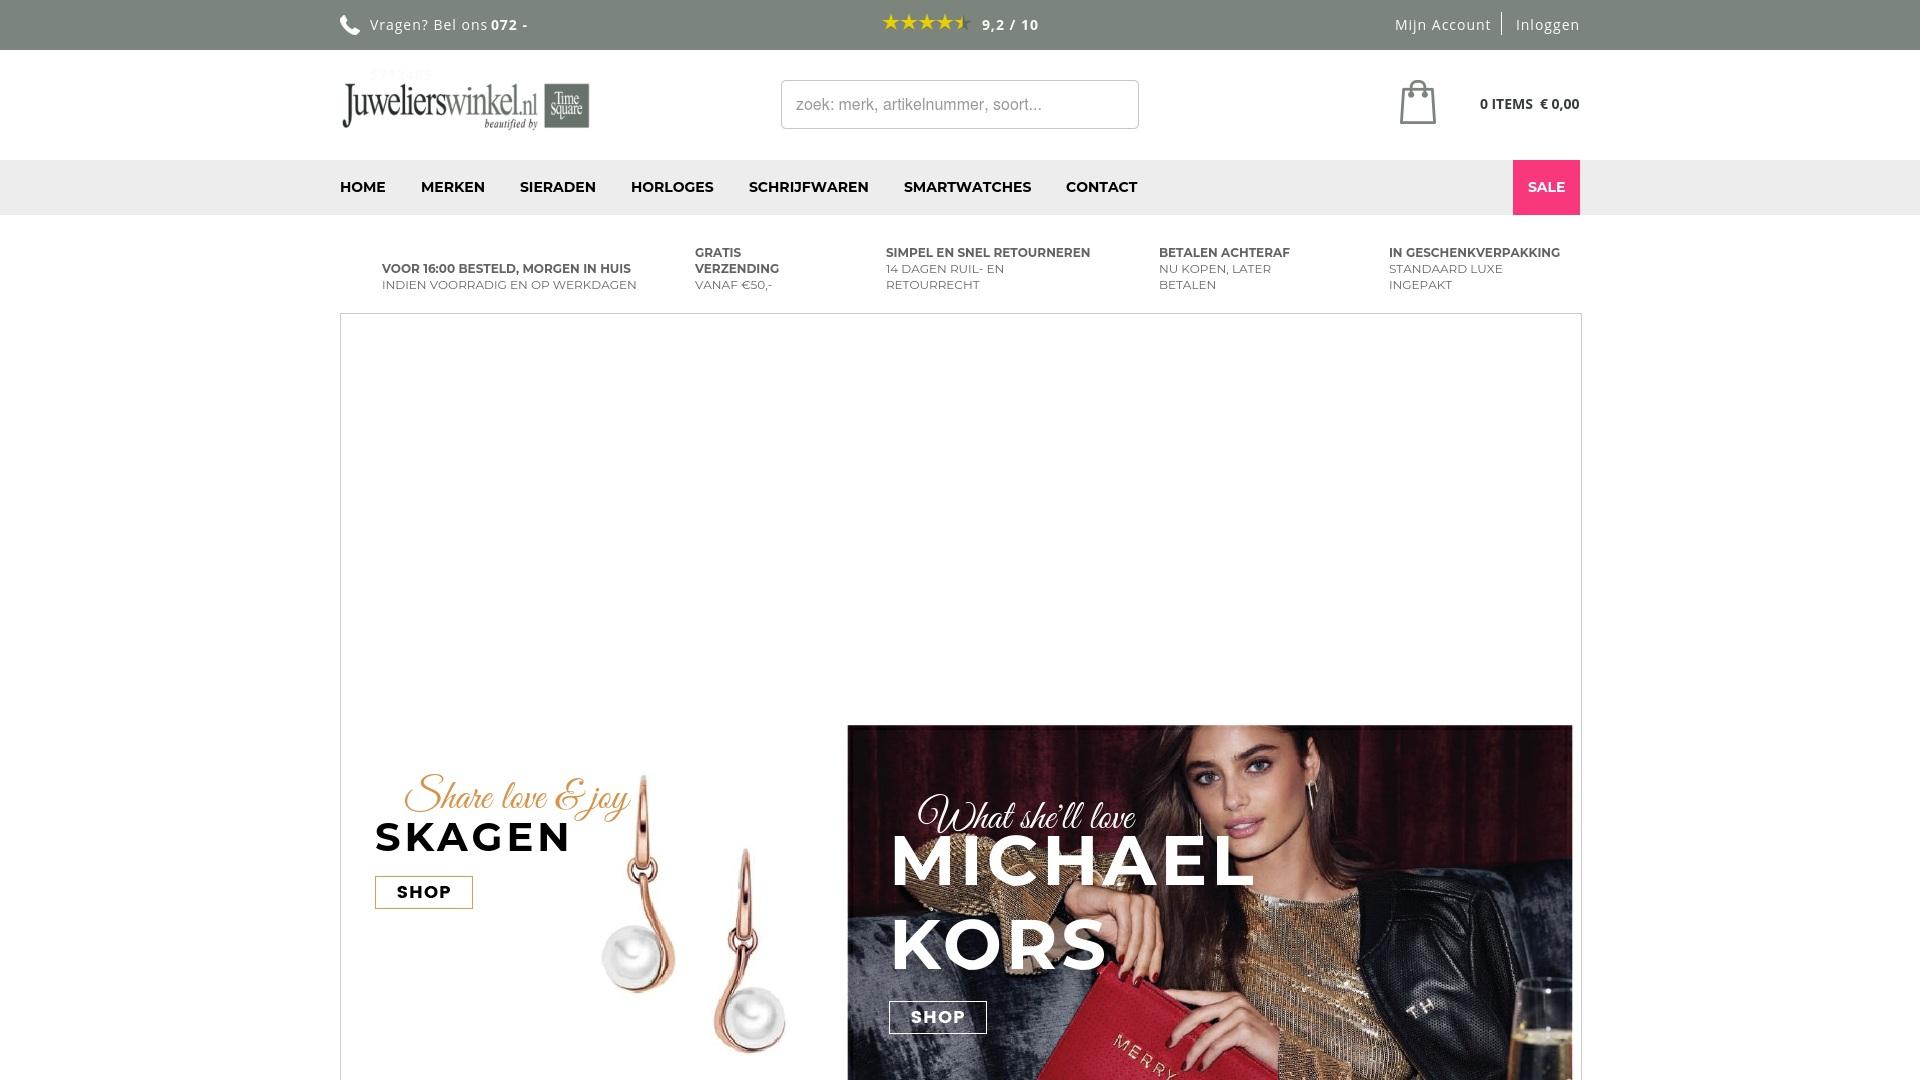 Gutschein für Juwelierswinkel: Rabatte für  Juwelierswinkel sichern